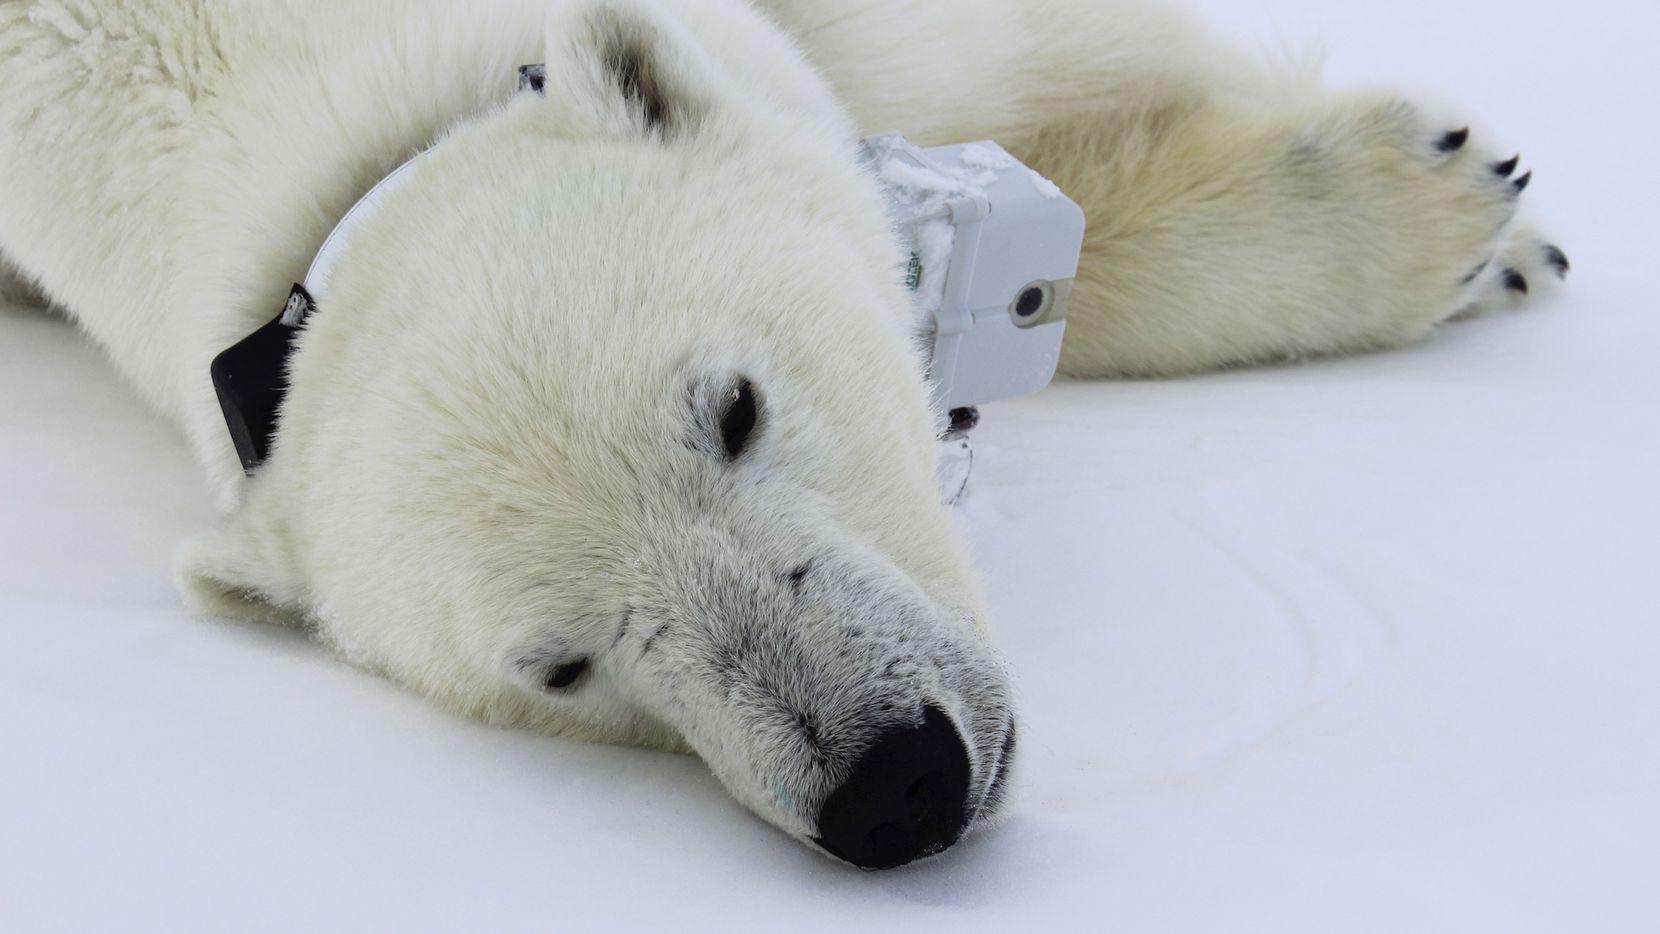 Un oso polar es equipado con un collar para monitorear su trayectoria en el ártico.AP